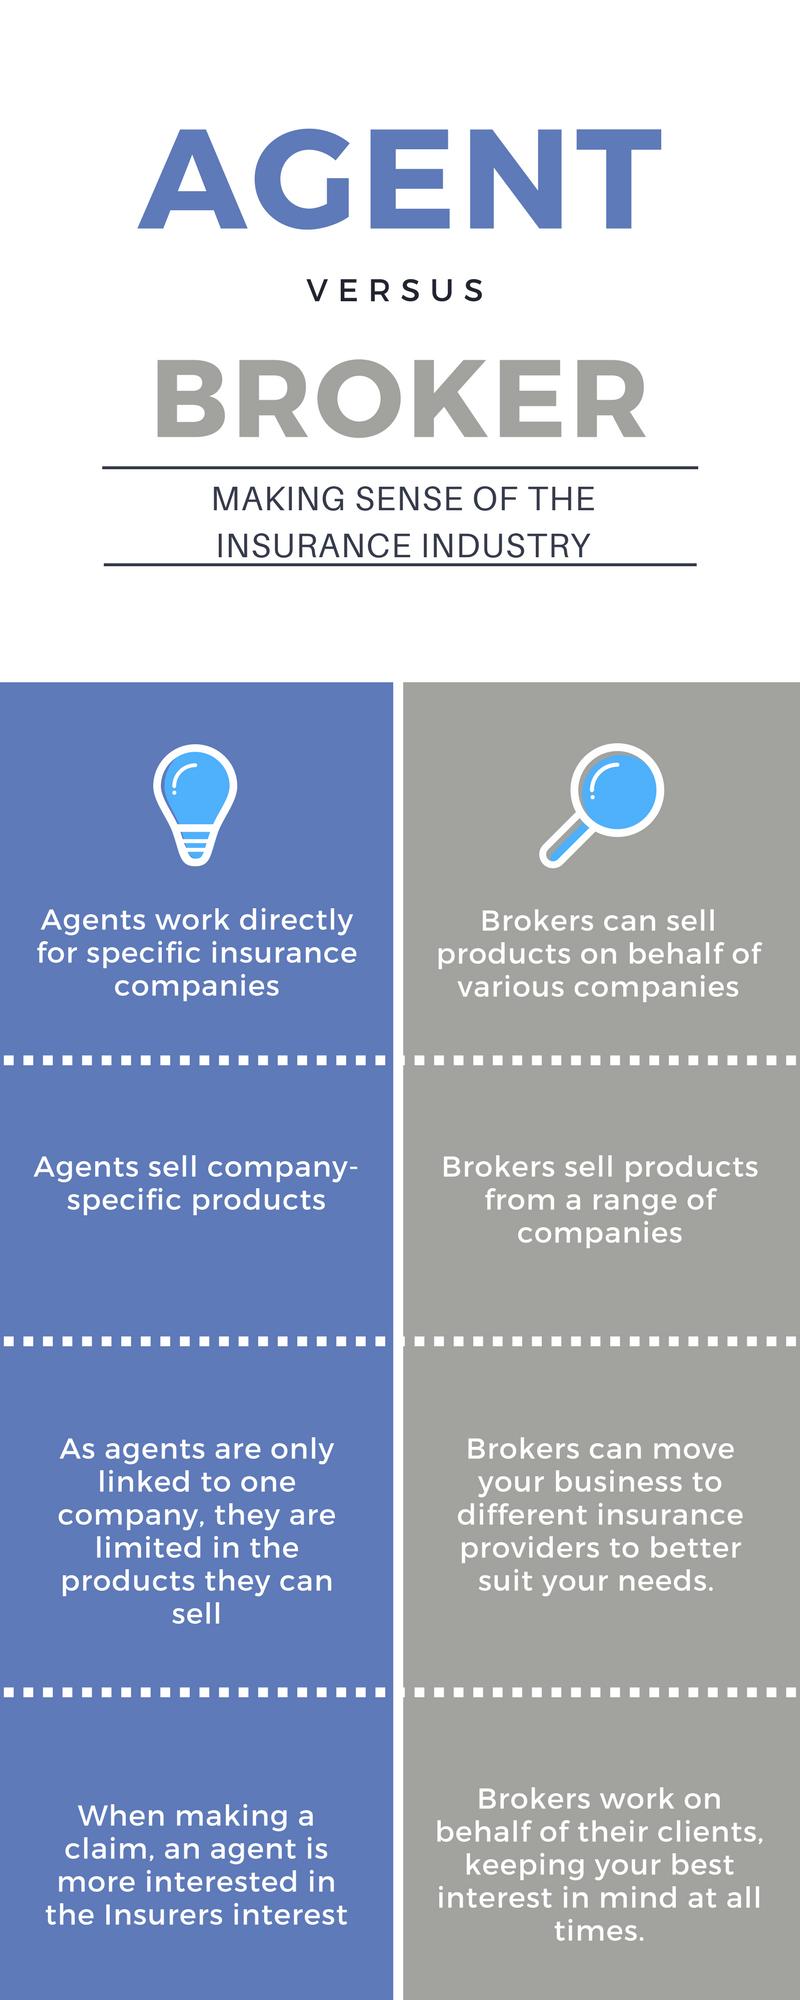 Agent versus Broker